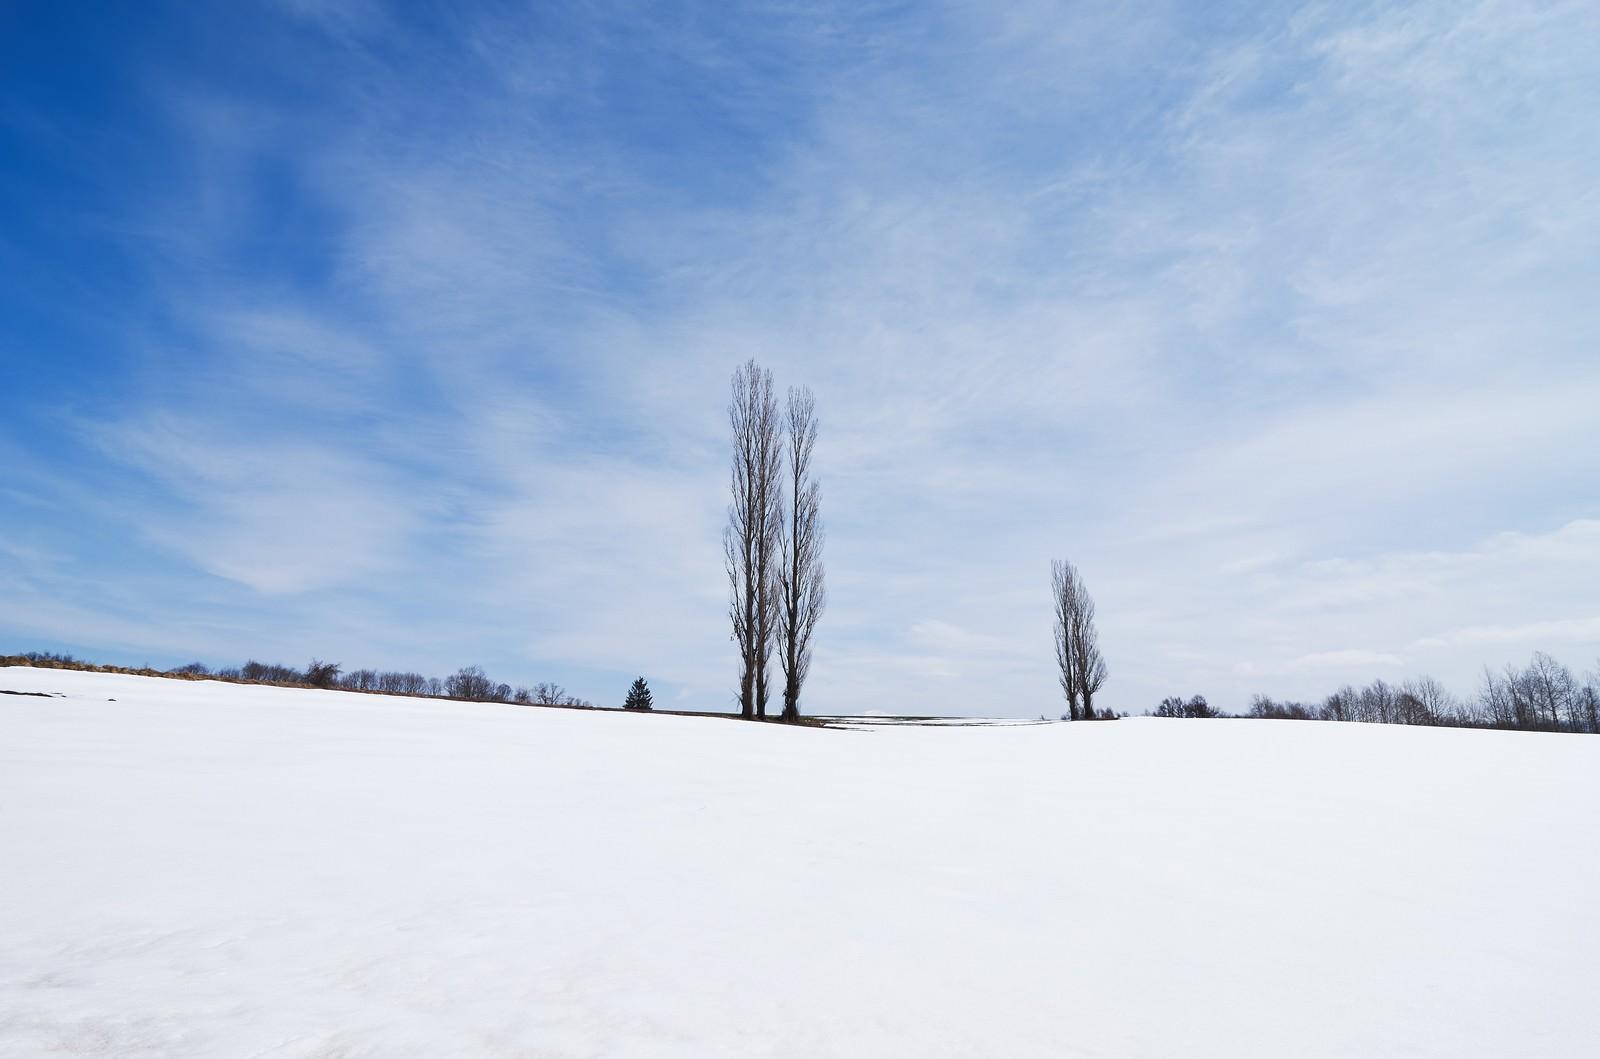 「雪の残るポプラの木」の写真